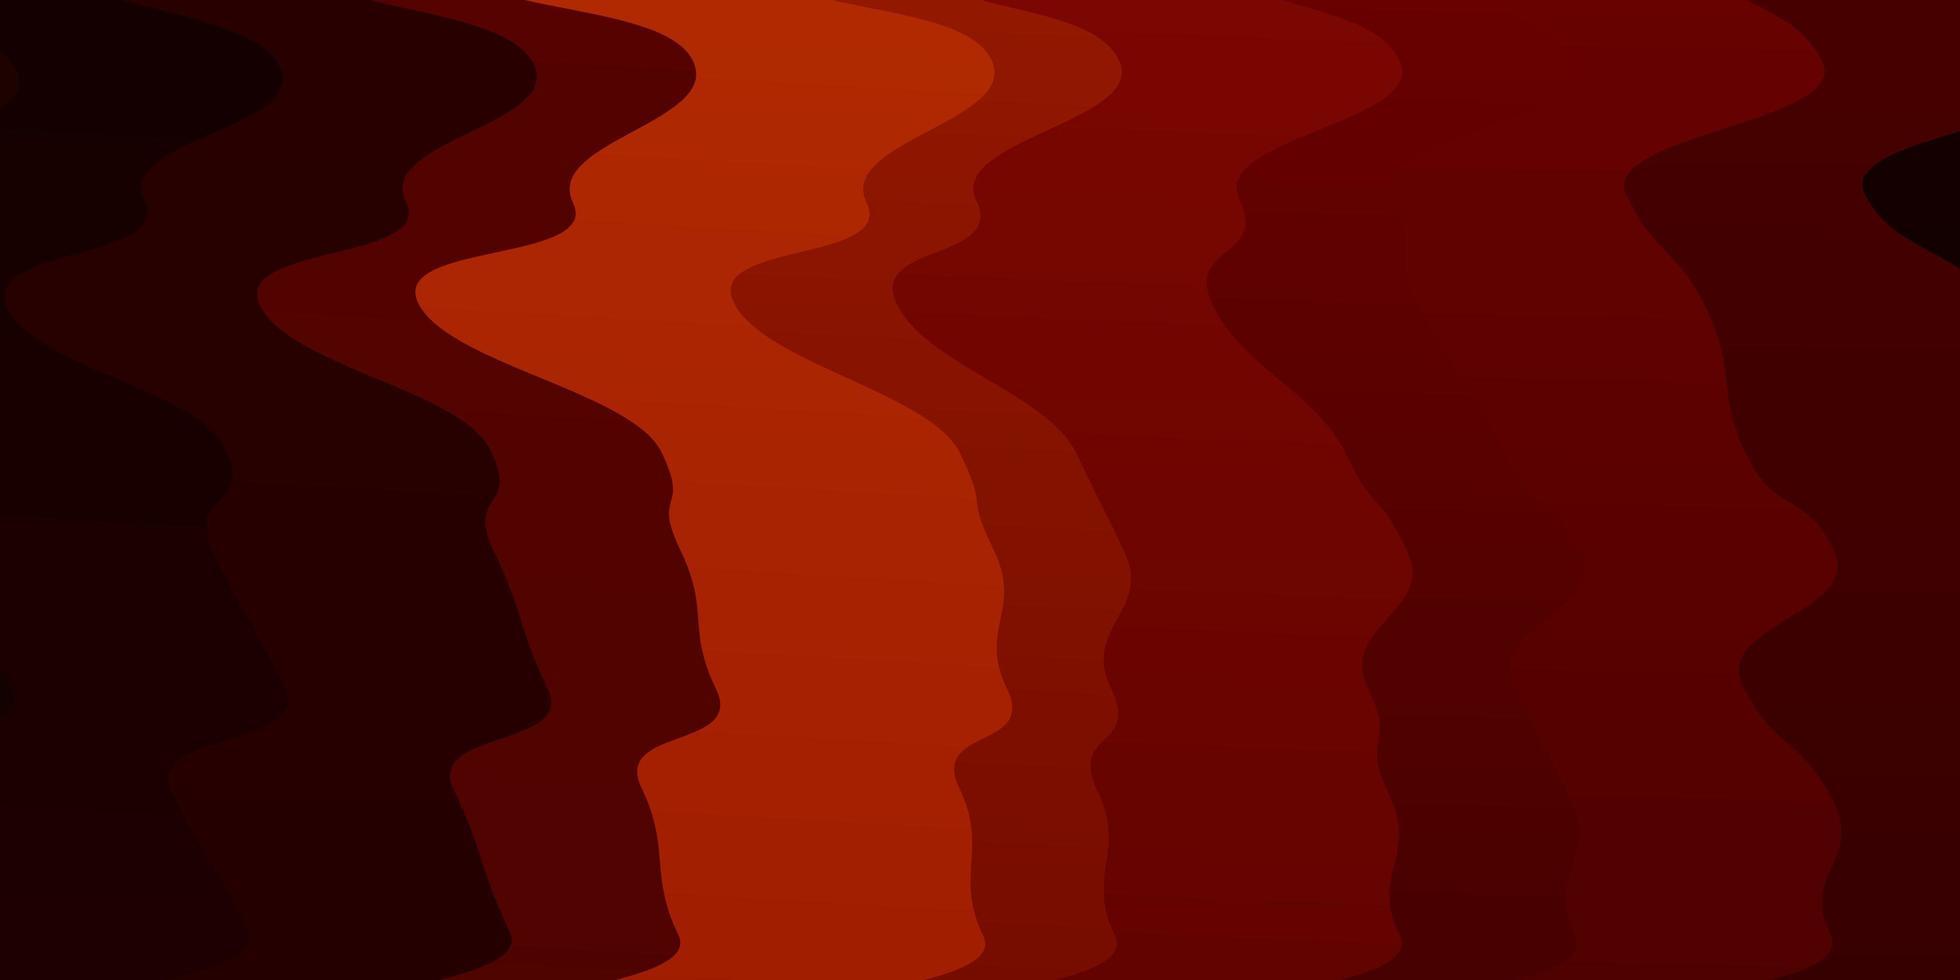 ljusröd vektorlayout med sneda linjer. vektor